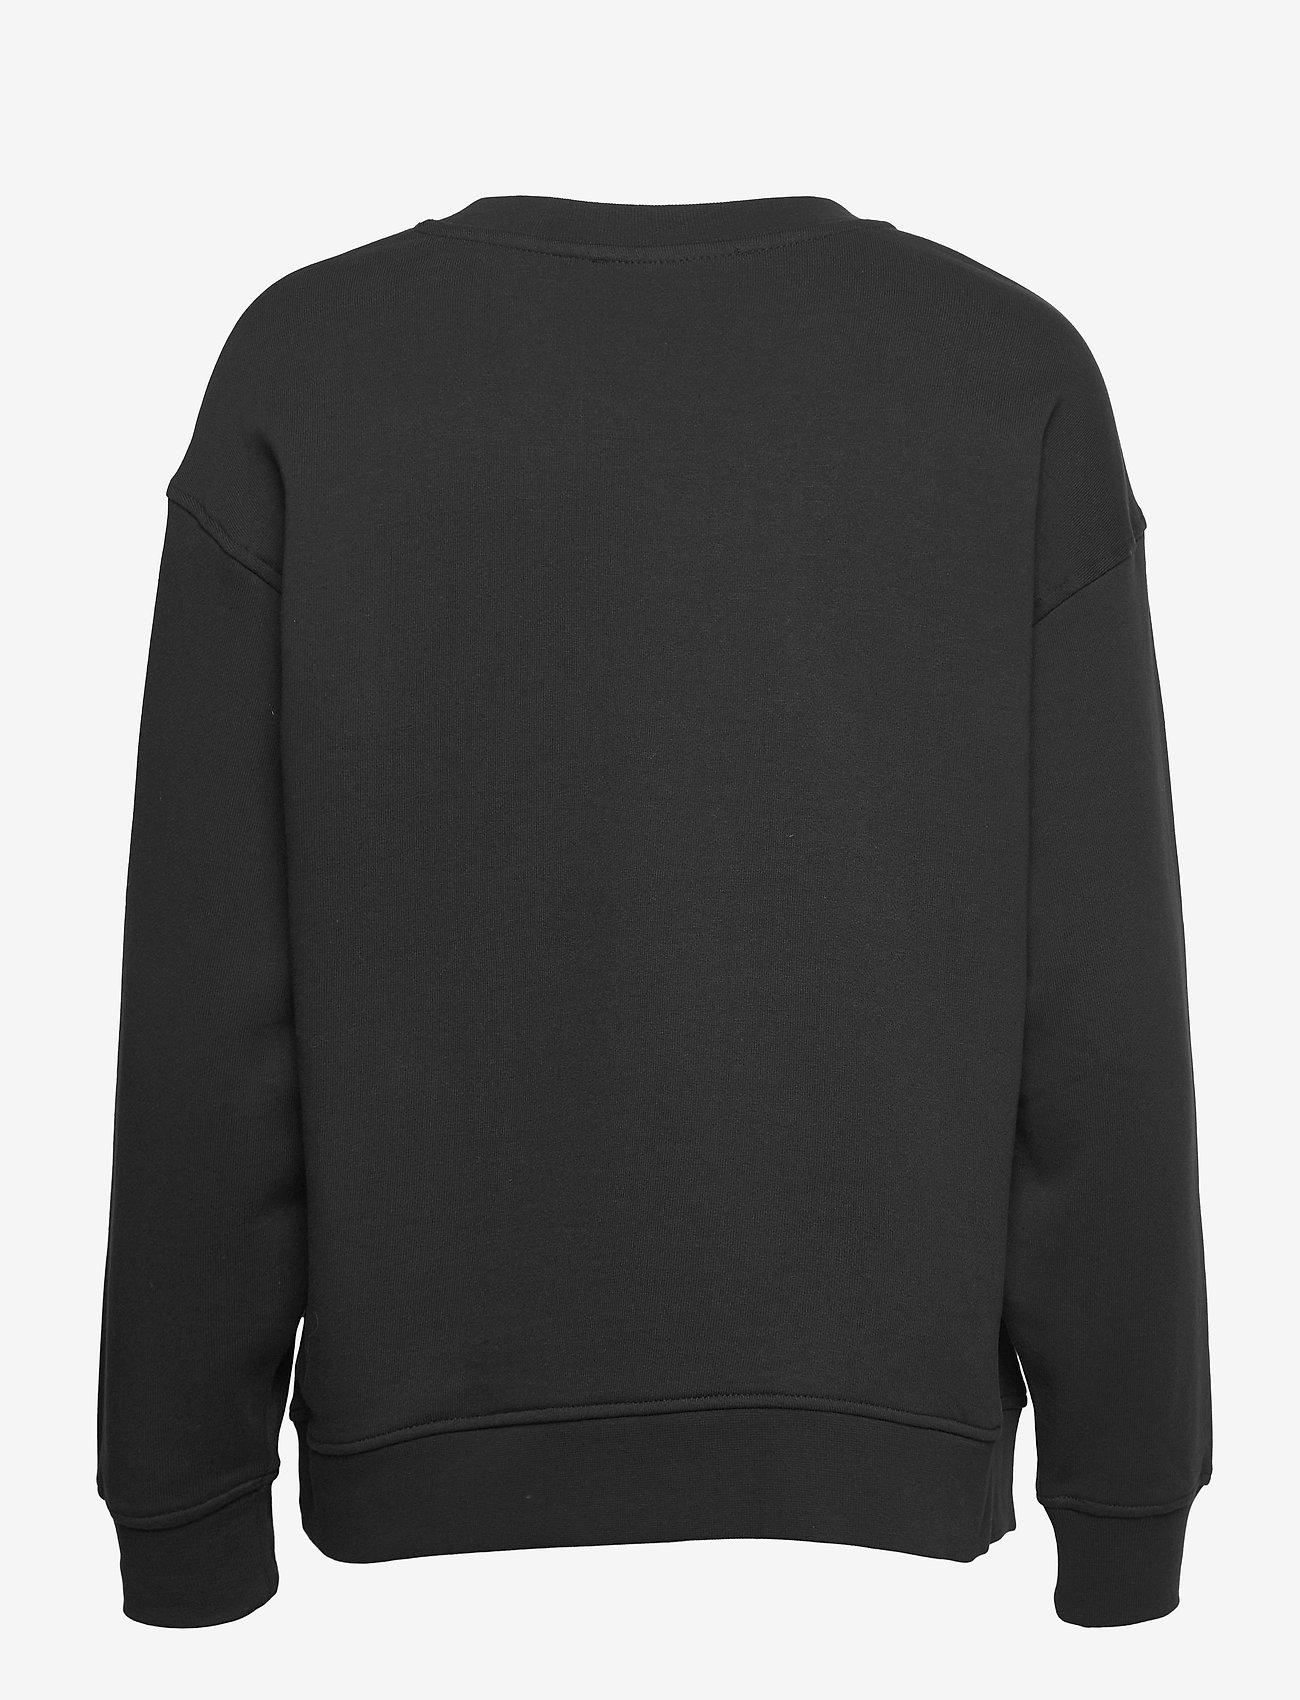 Selected Femme - SLFSTASIE LS SWEAT - sweatshirts & hoodies - black - 1